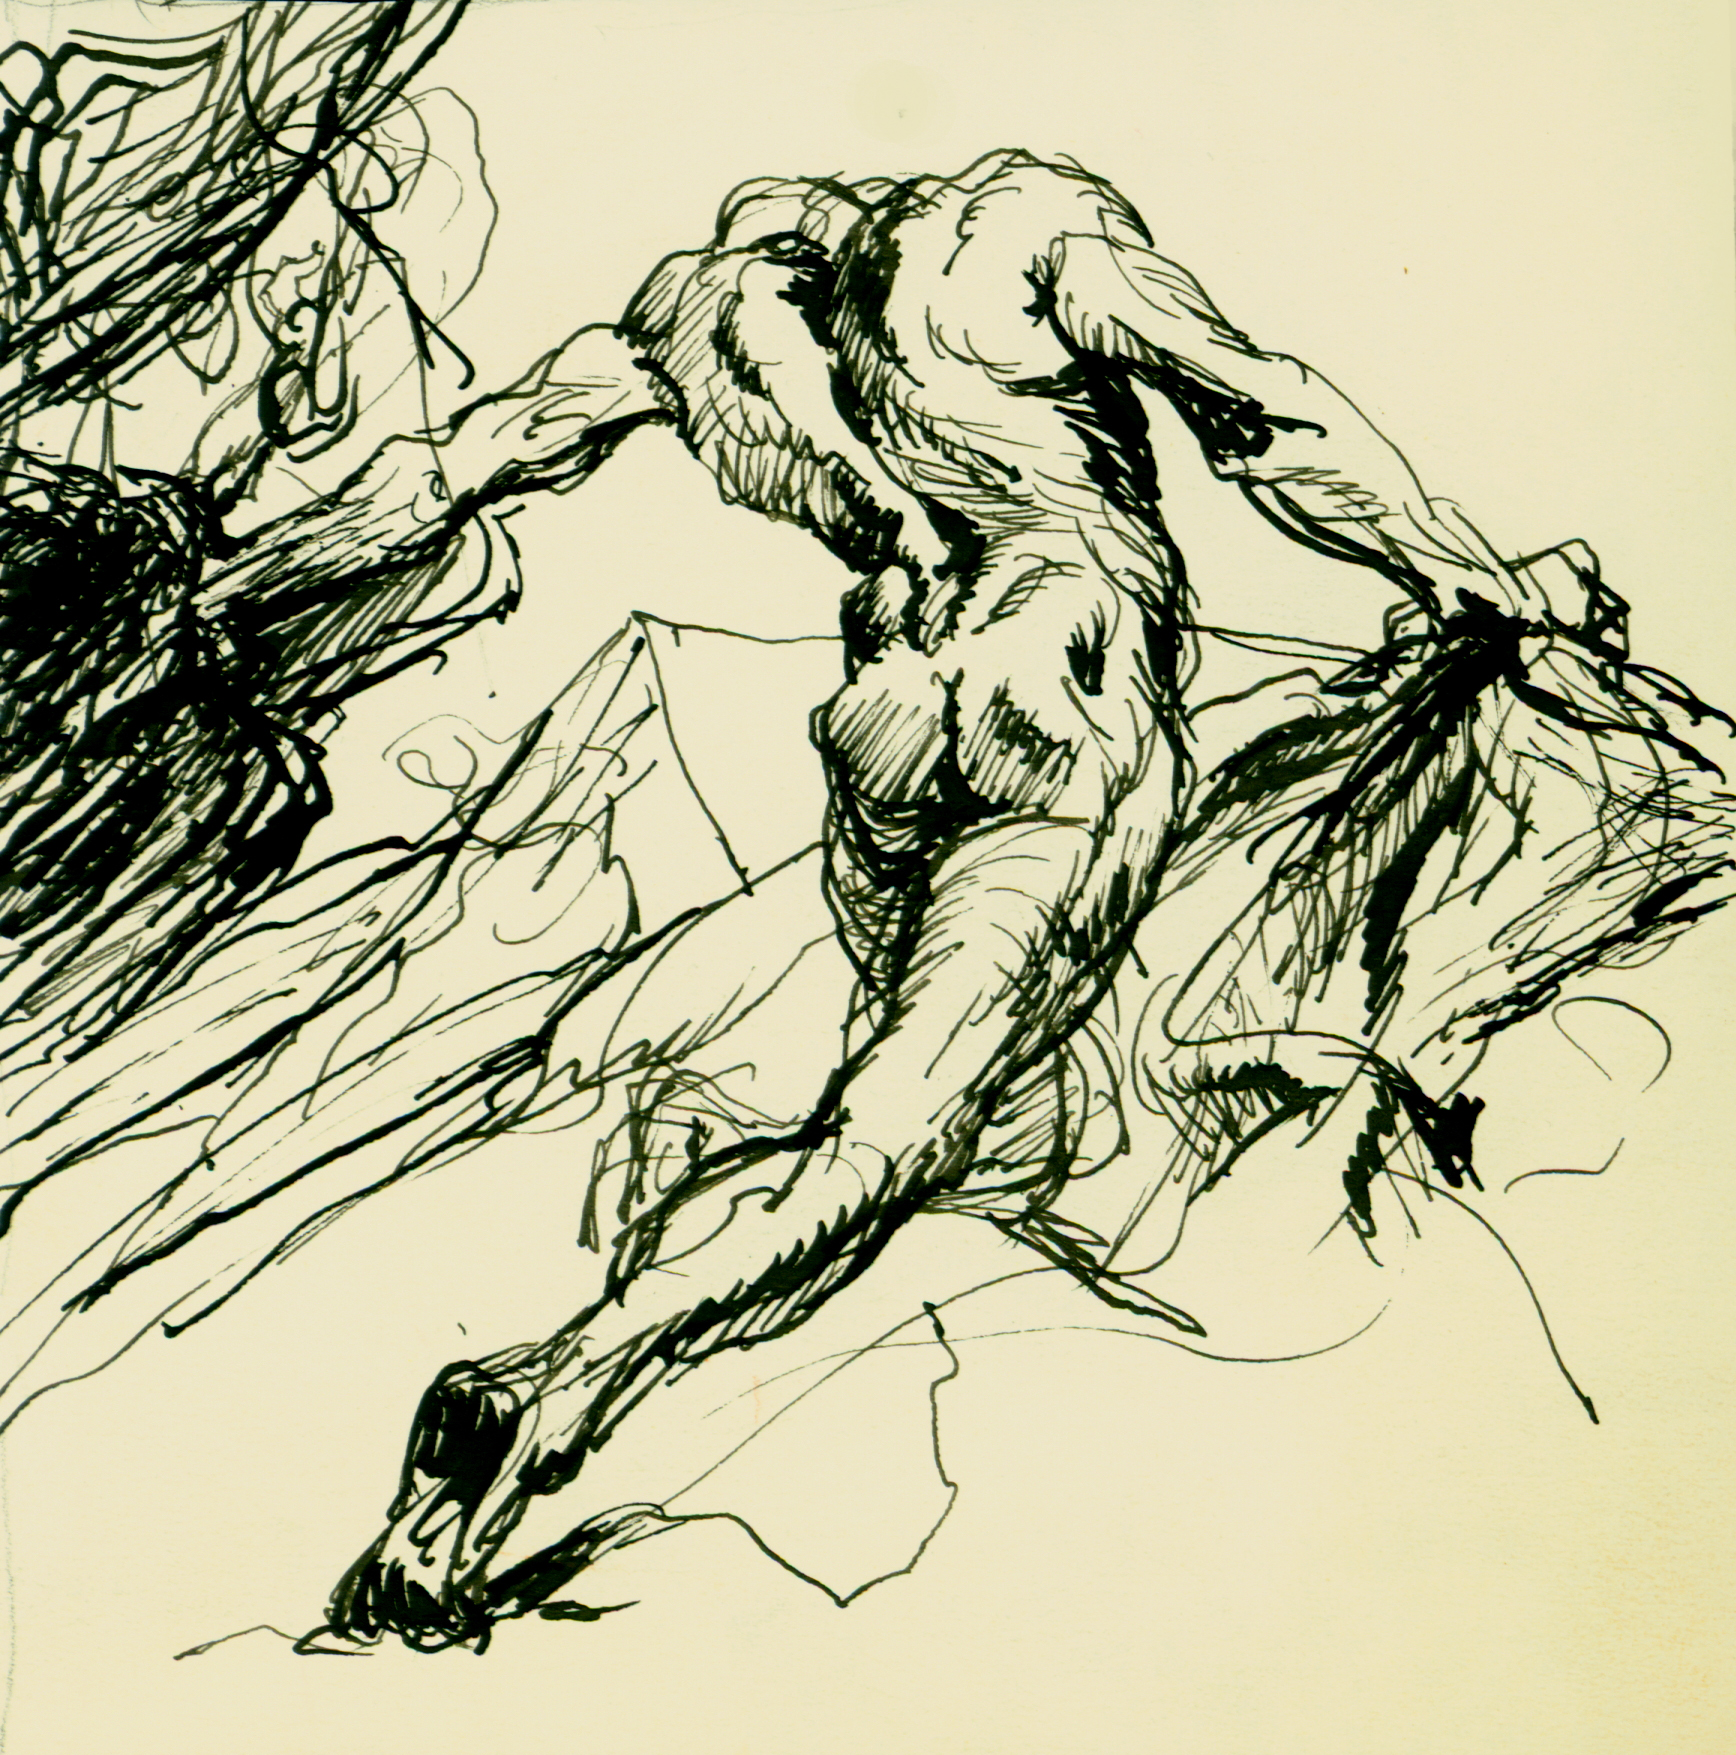 <font size='3' font color='gray'>MAN.  (pen & ink, 5 x 5)